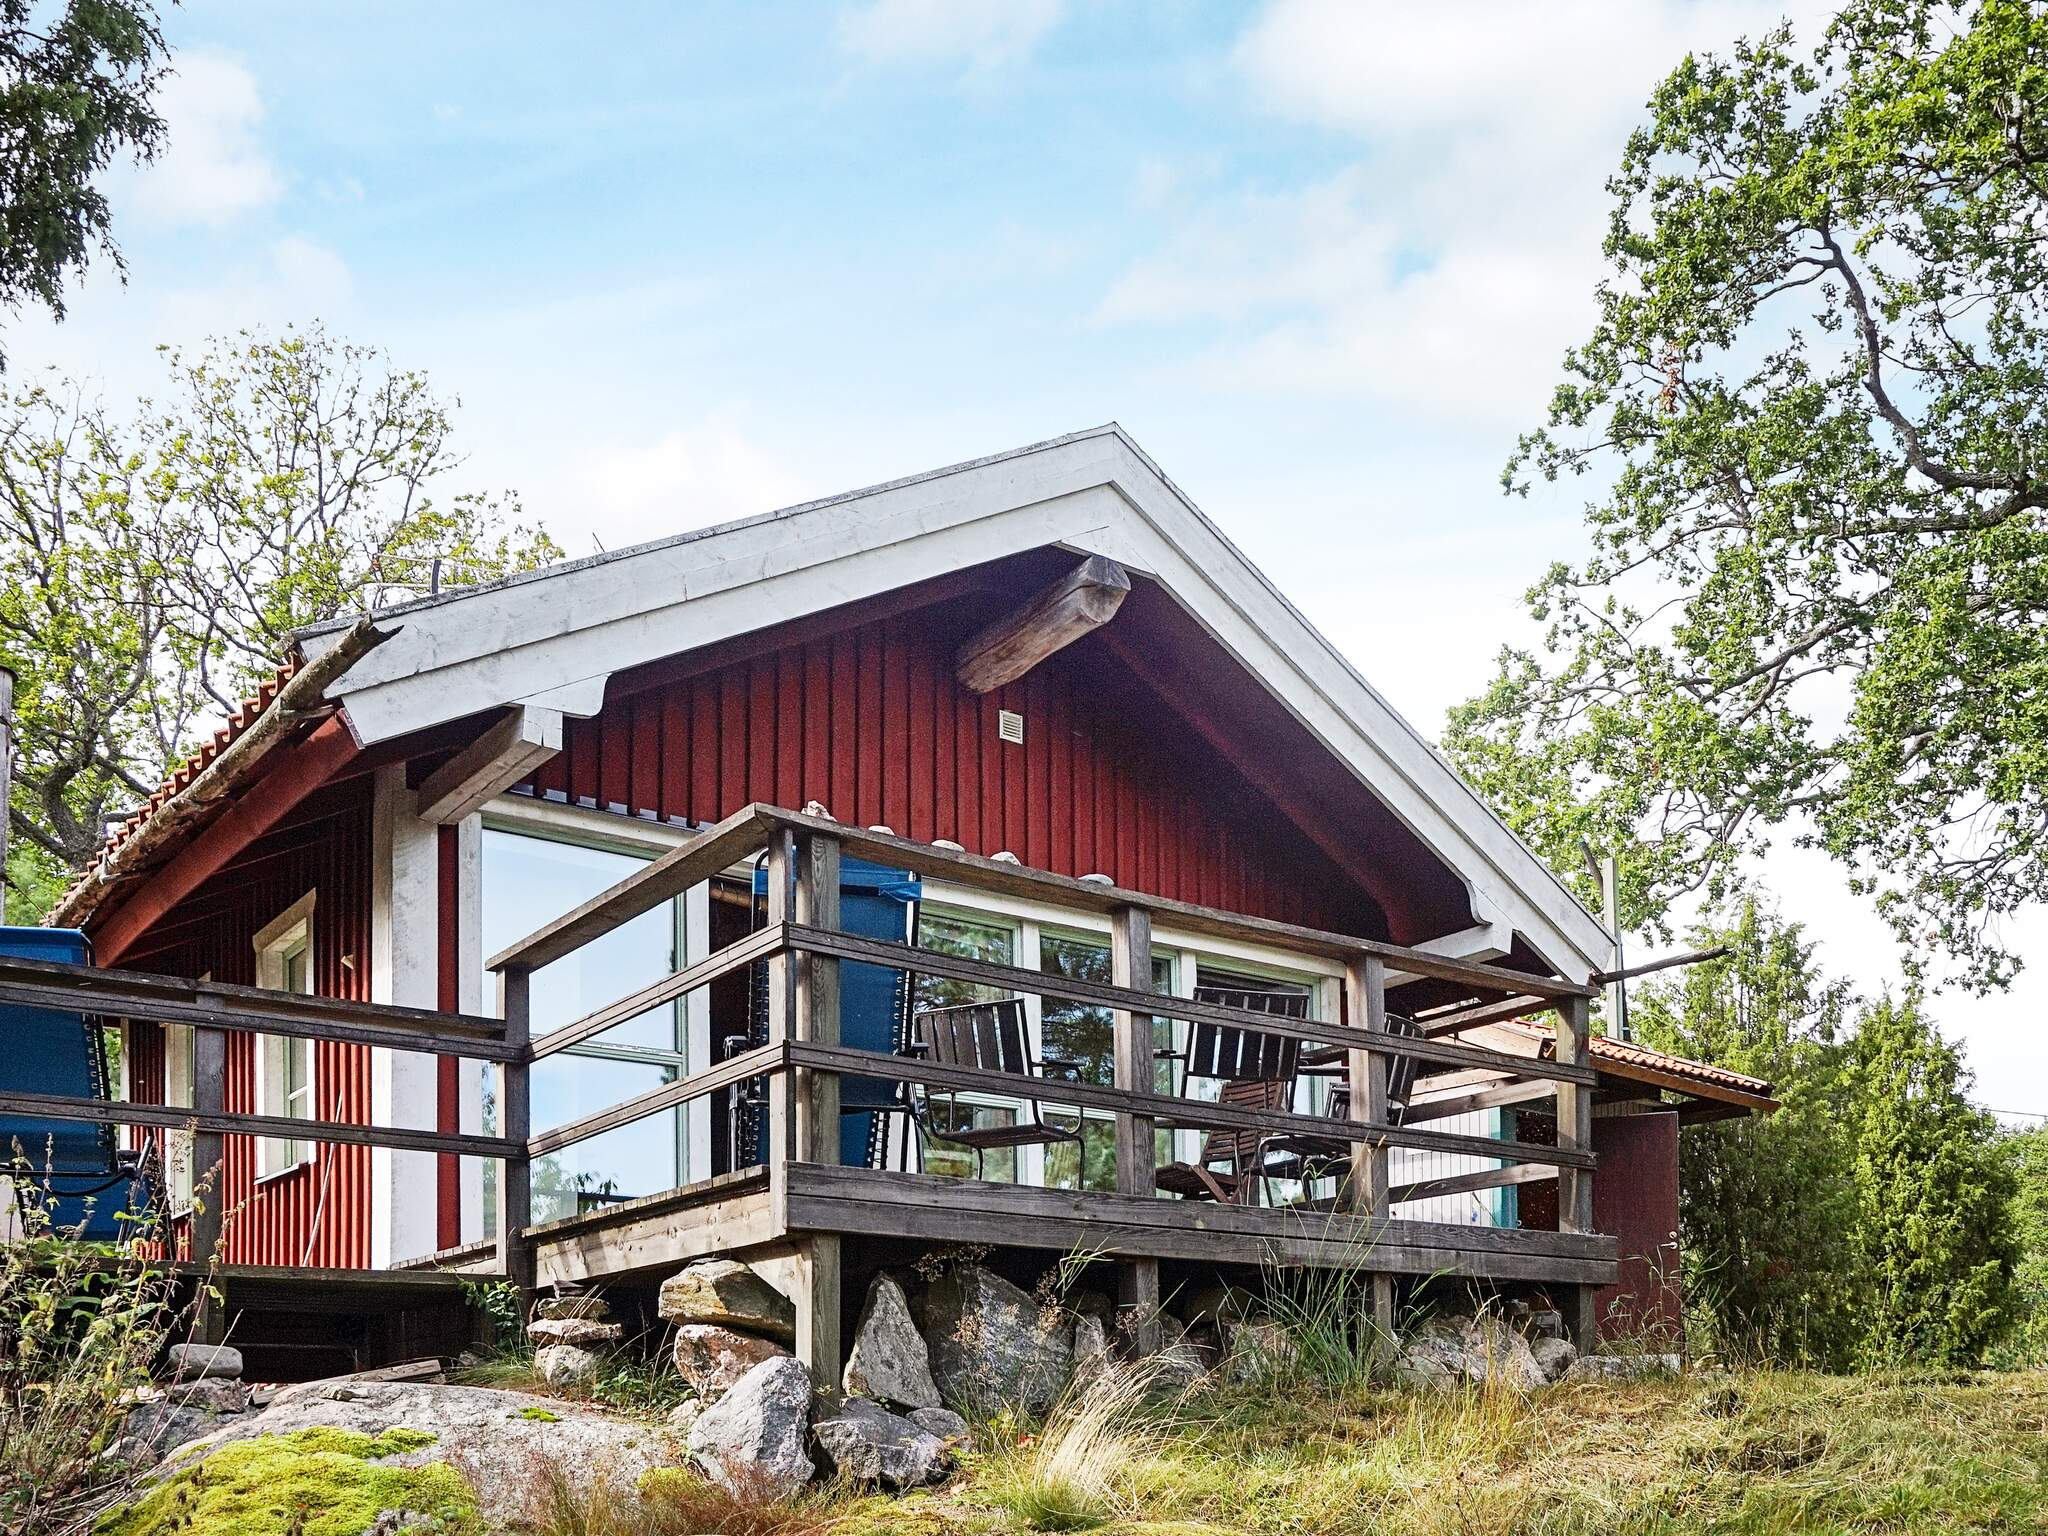 Ferienhaus Gryt (502645), Valdemarsvik, Östergötlands län, Südschweden, Schweden, Bild 14